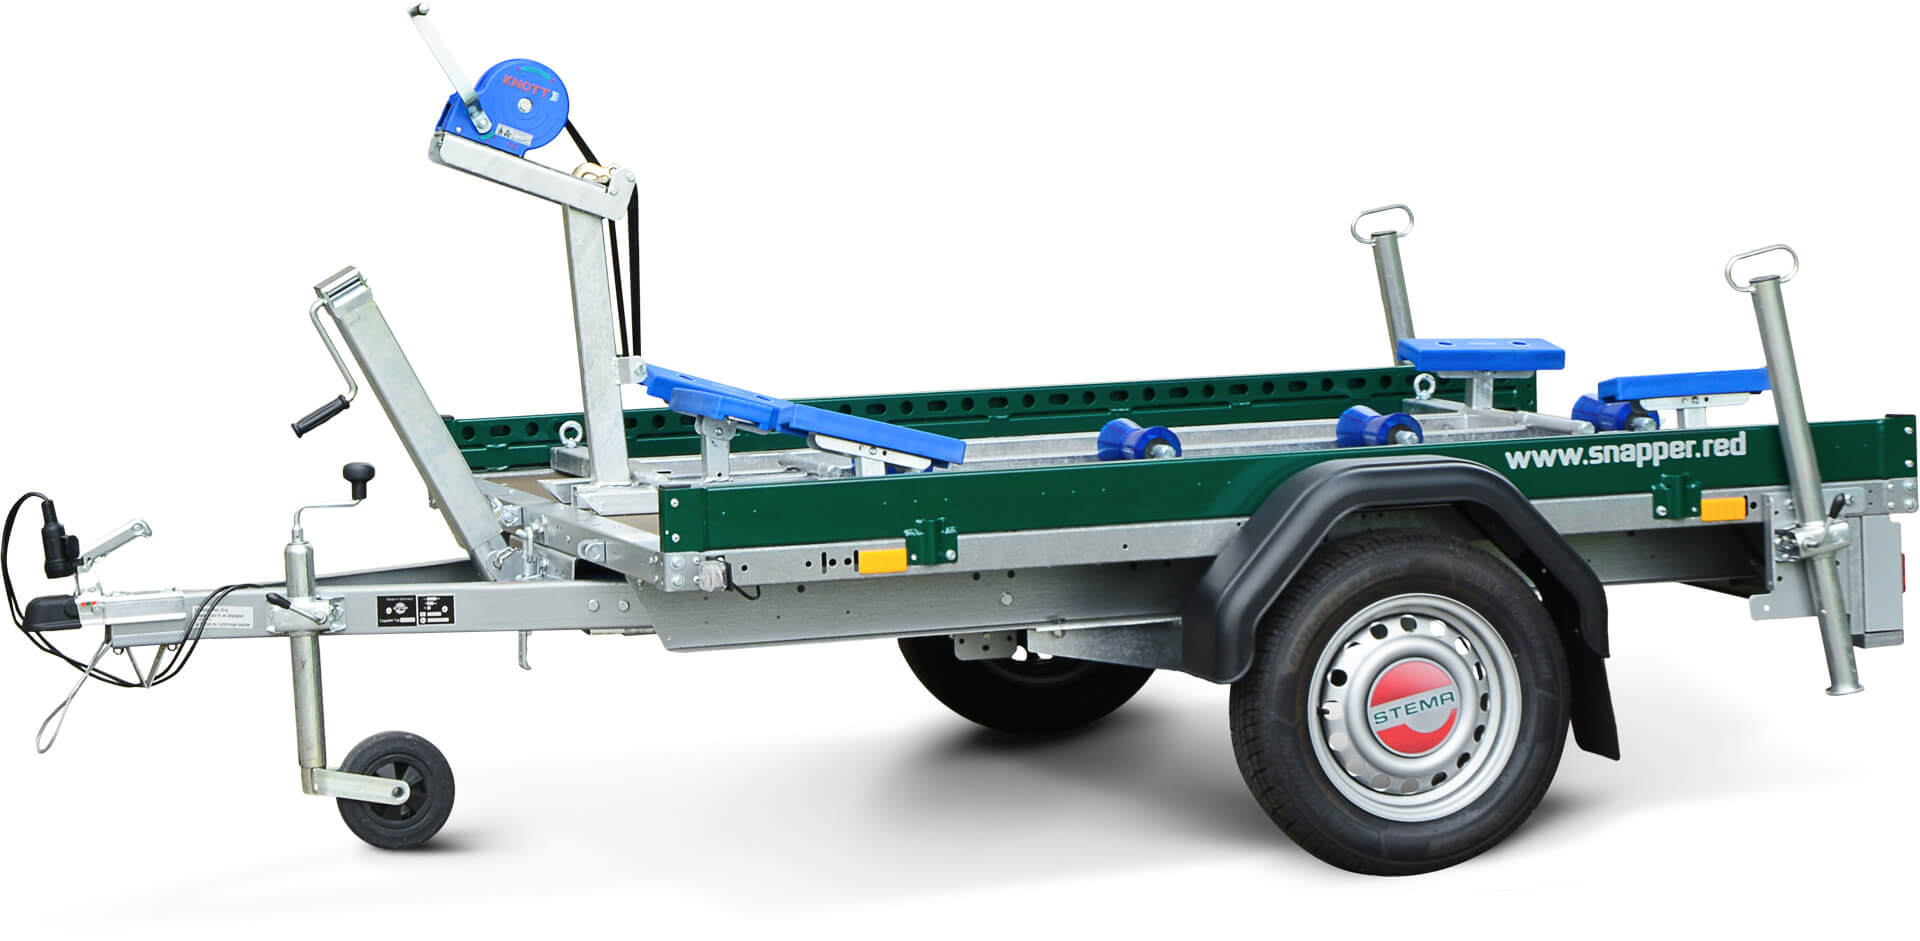 red snapper - Anhänger + Transportgestell + Kompaktboot